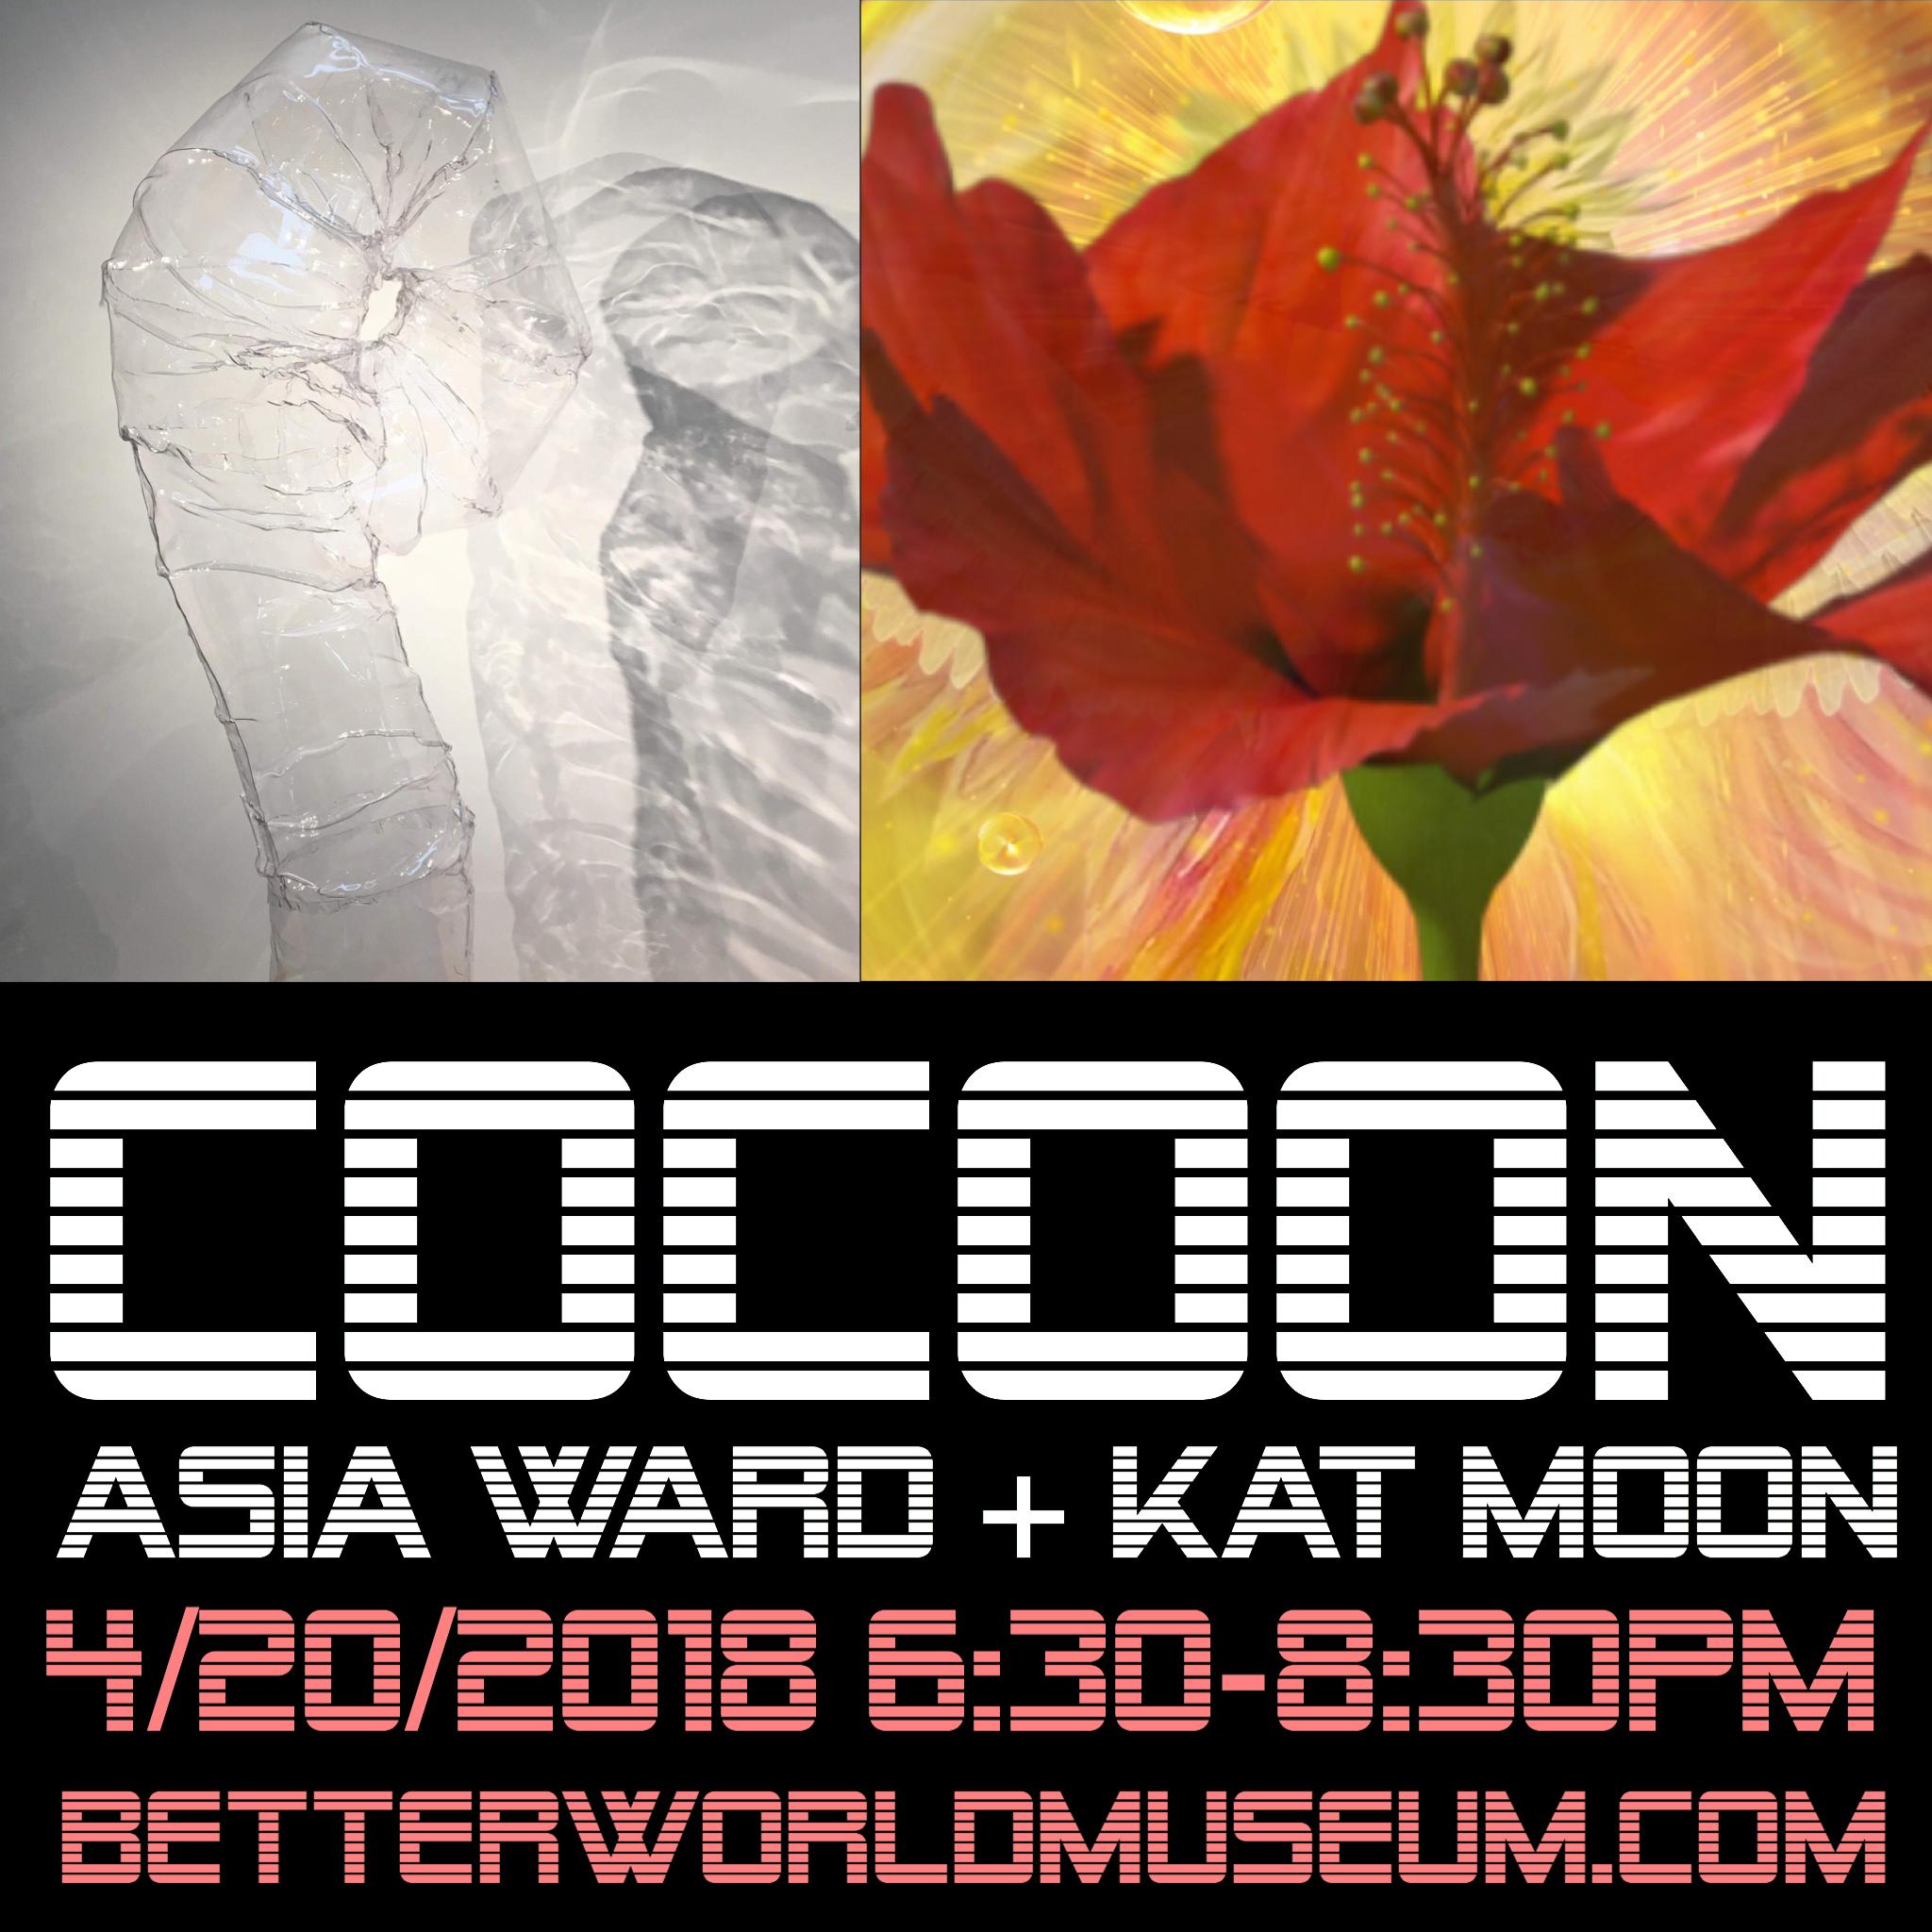 Cocoon Asia Ward + Kat Moon